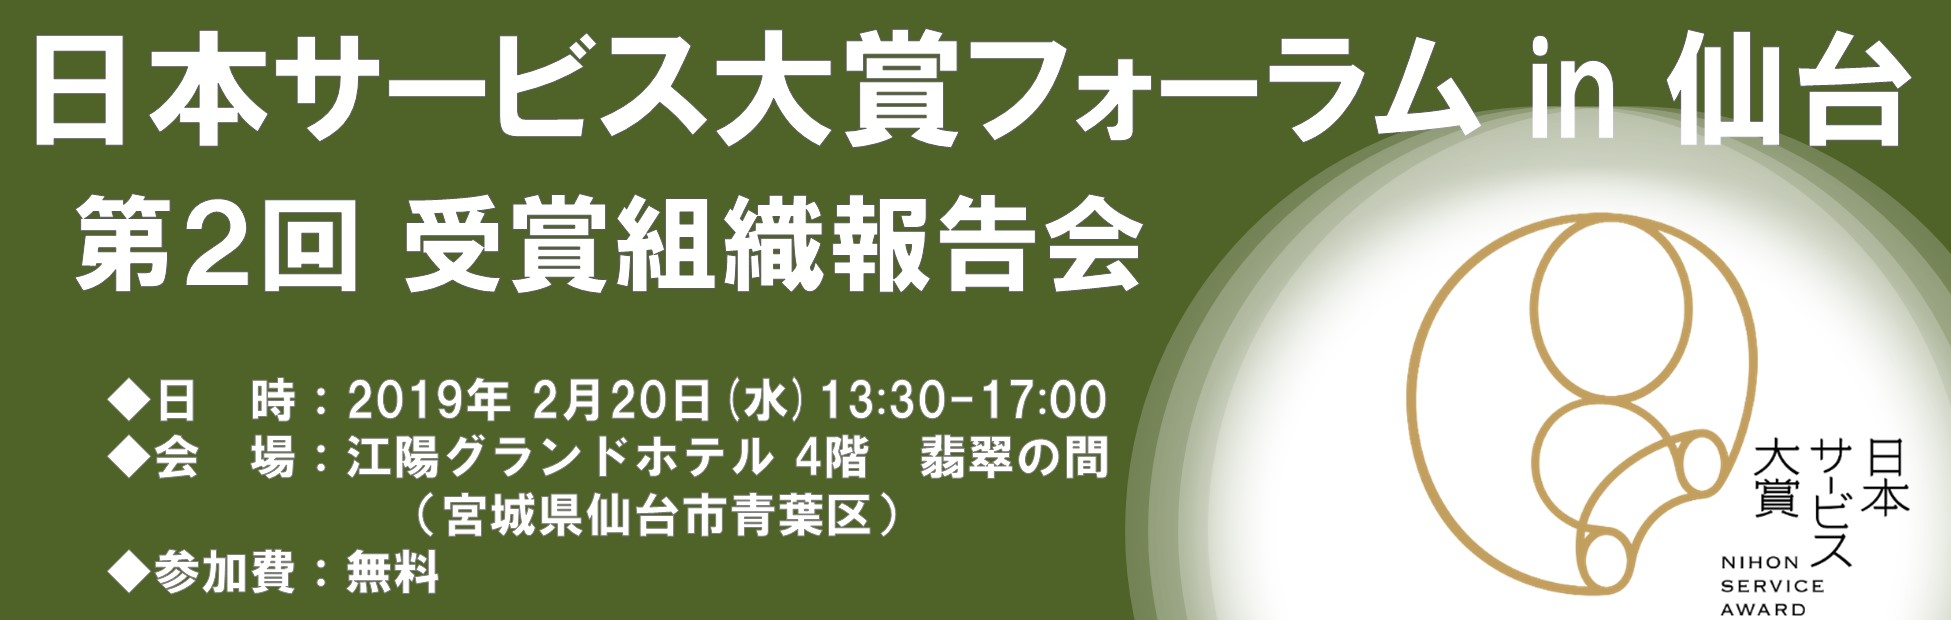 日本サービス大賞フォーラム in 仙台